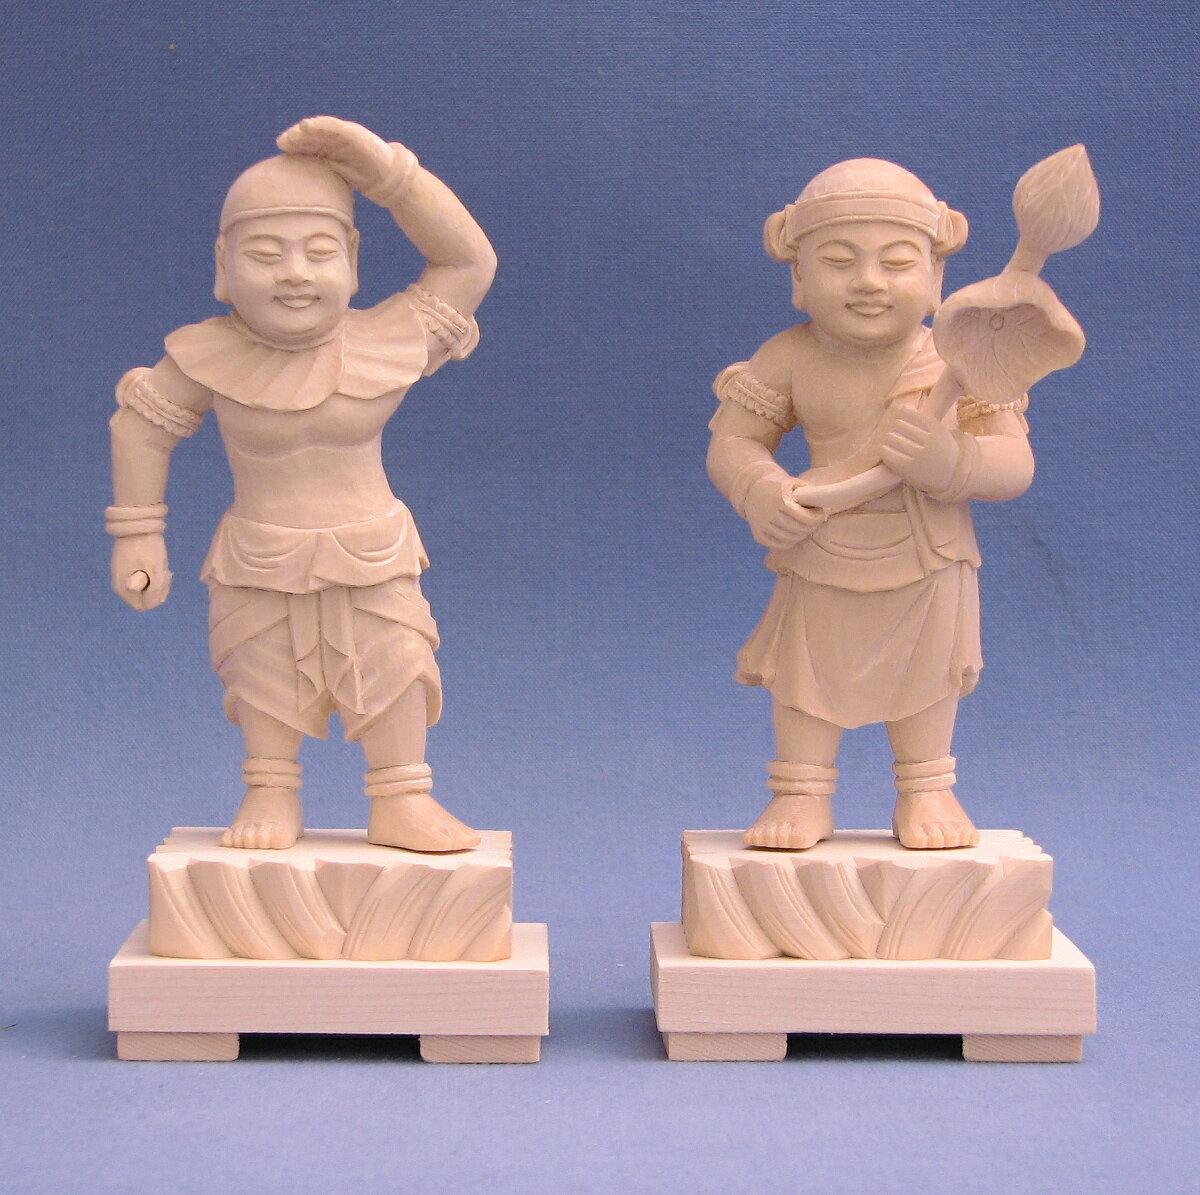 仏像 掌善掌悪童子 地蔵菩薩脇侍 立像 一対 3.0寸 桧木